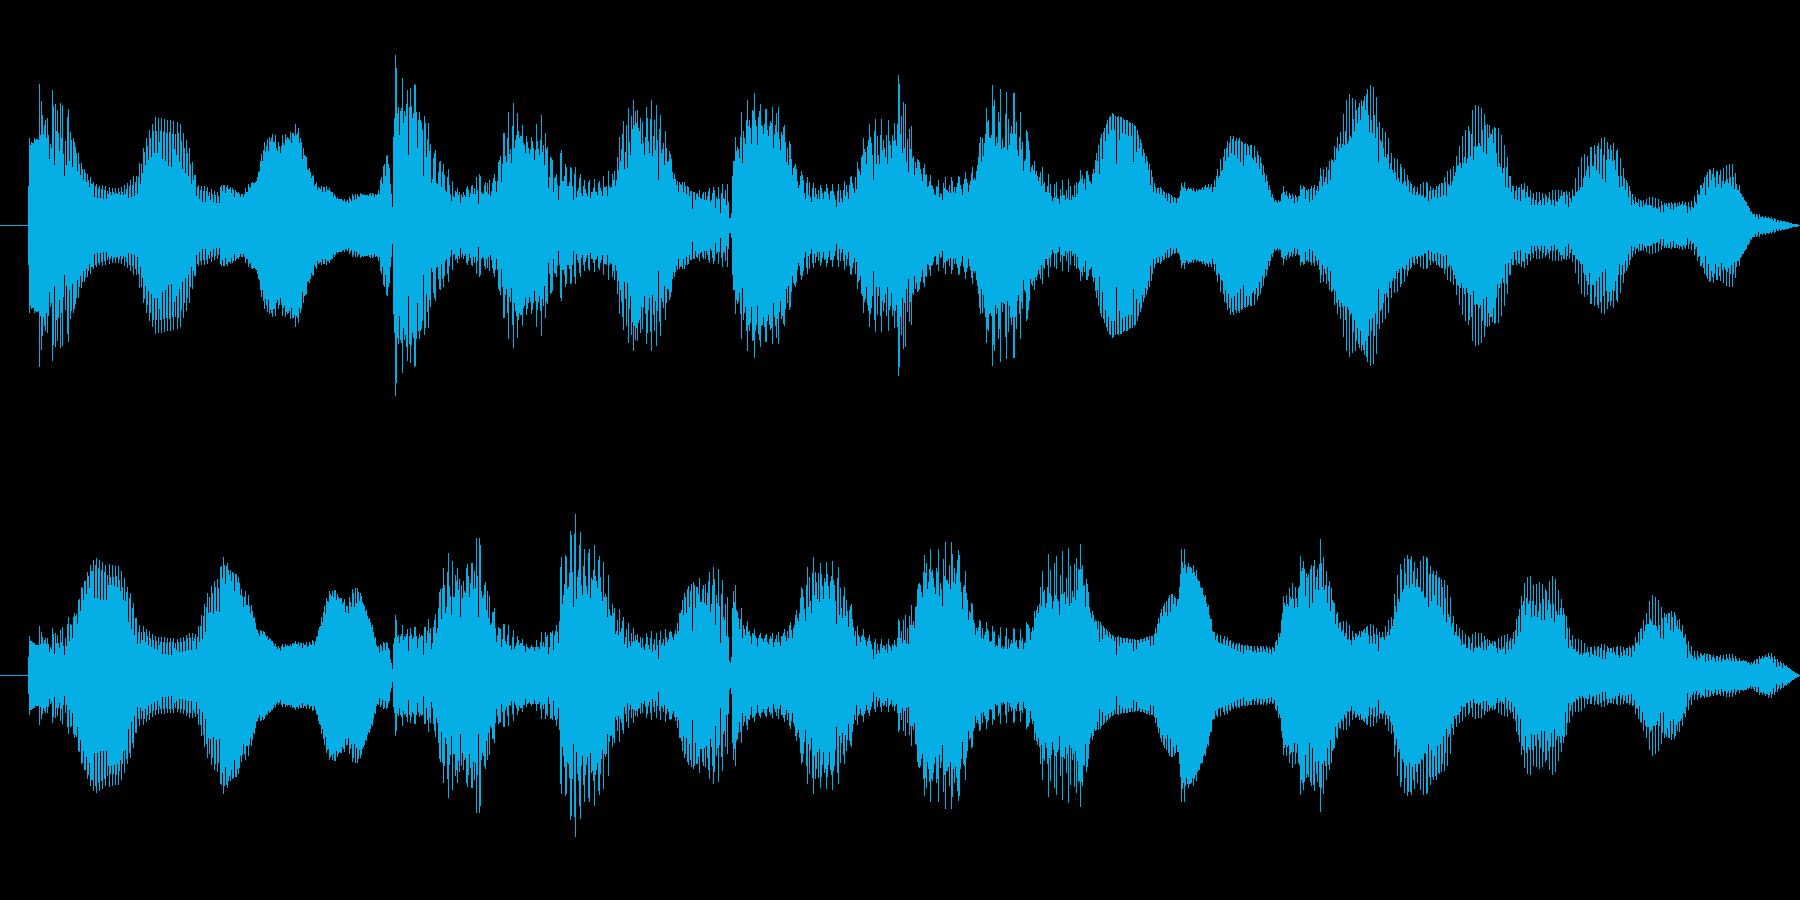 エレピ10sサウンドの再生済みの波形